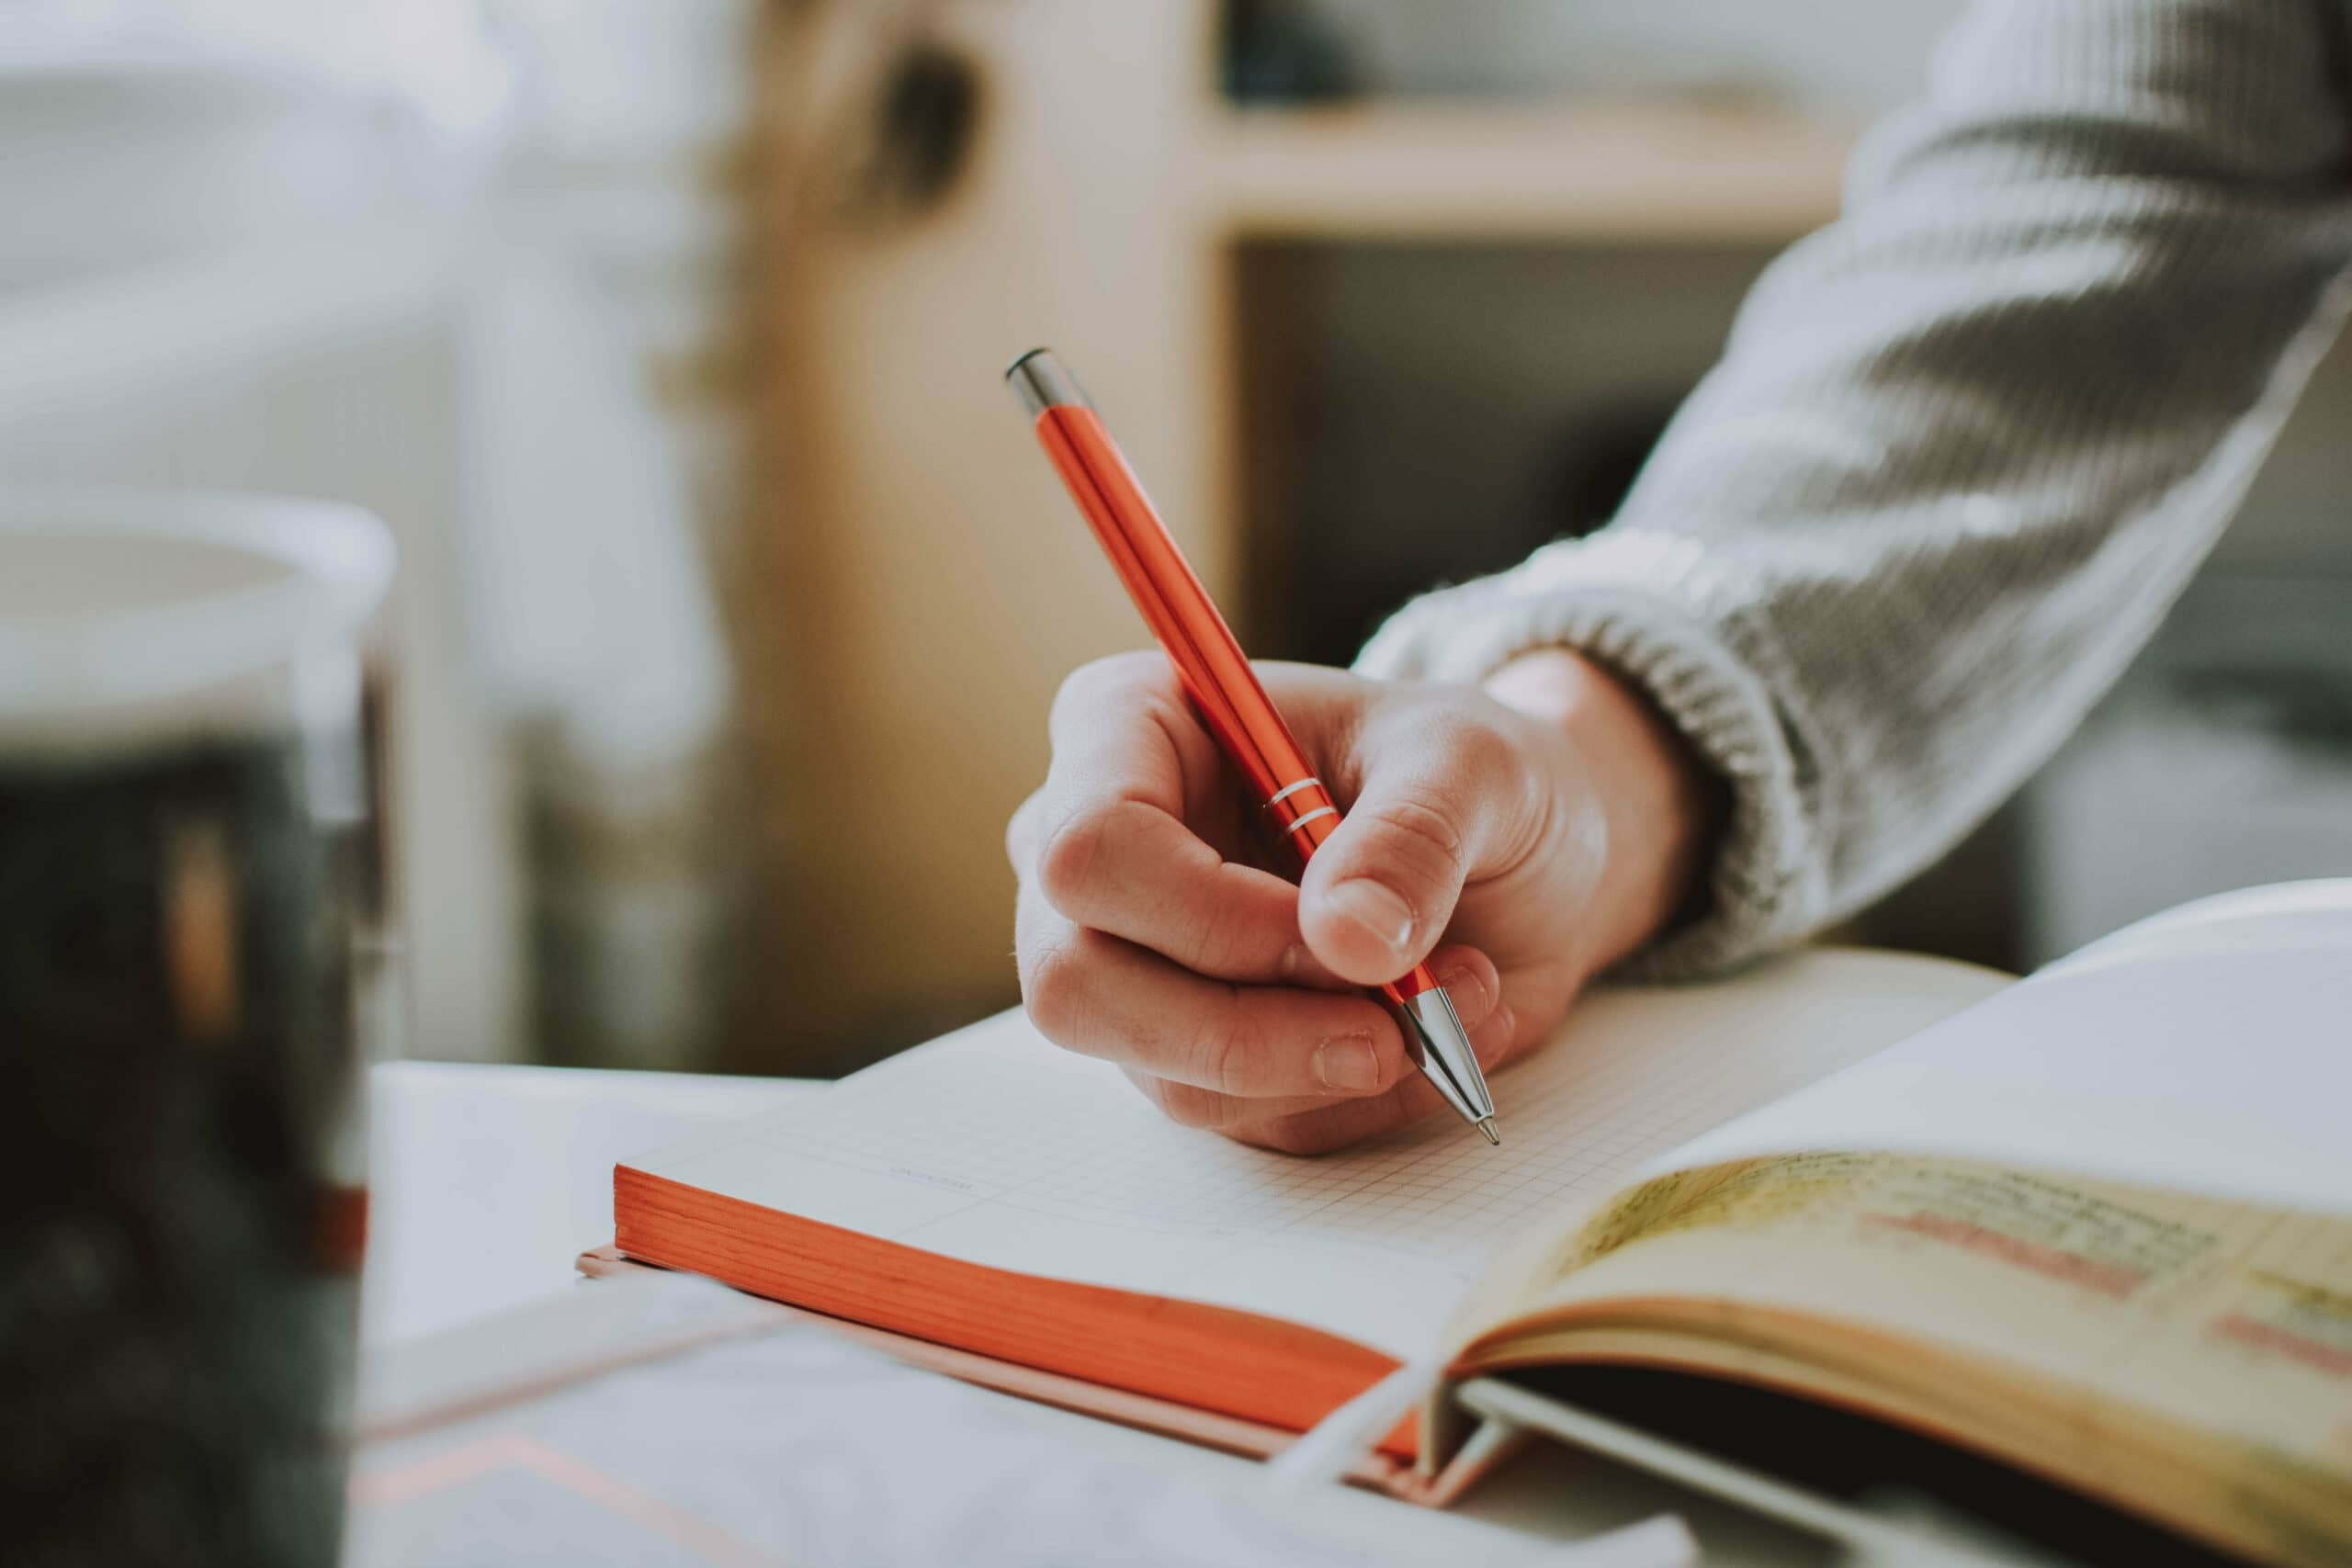 Schreibstil verbessern: 5 Tipps für einzigartige Texte